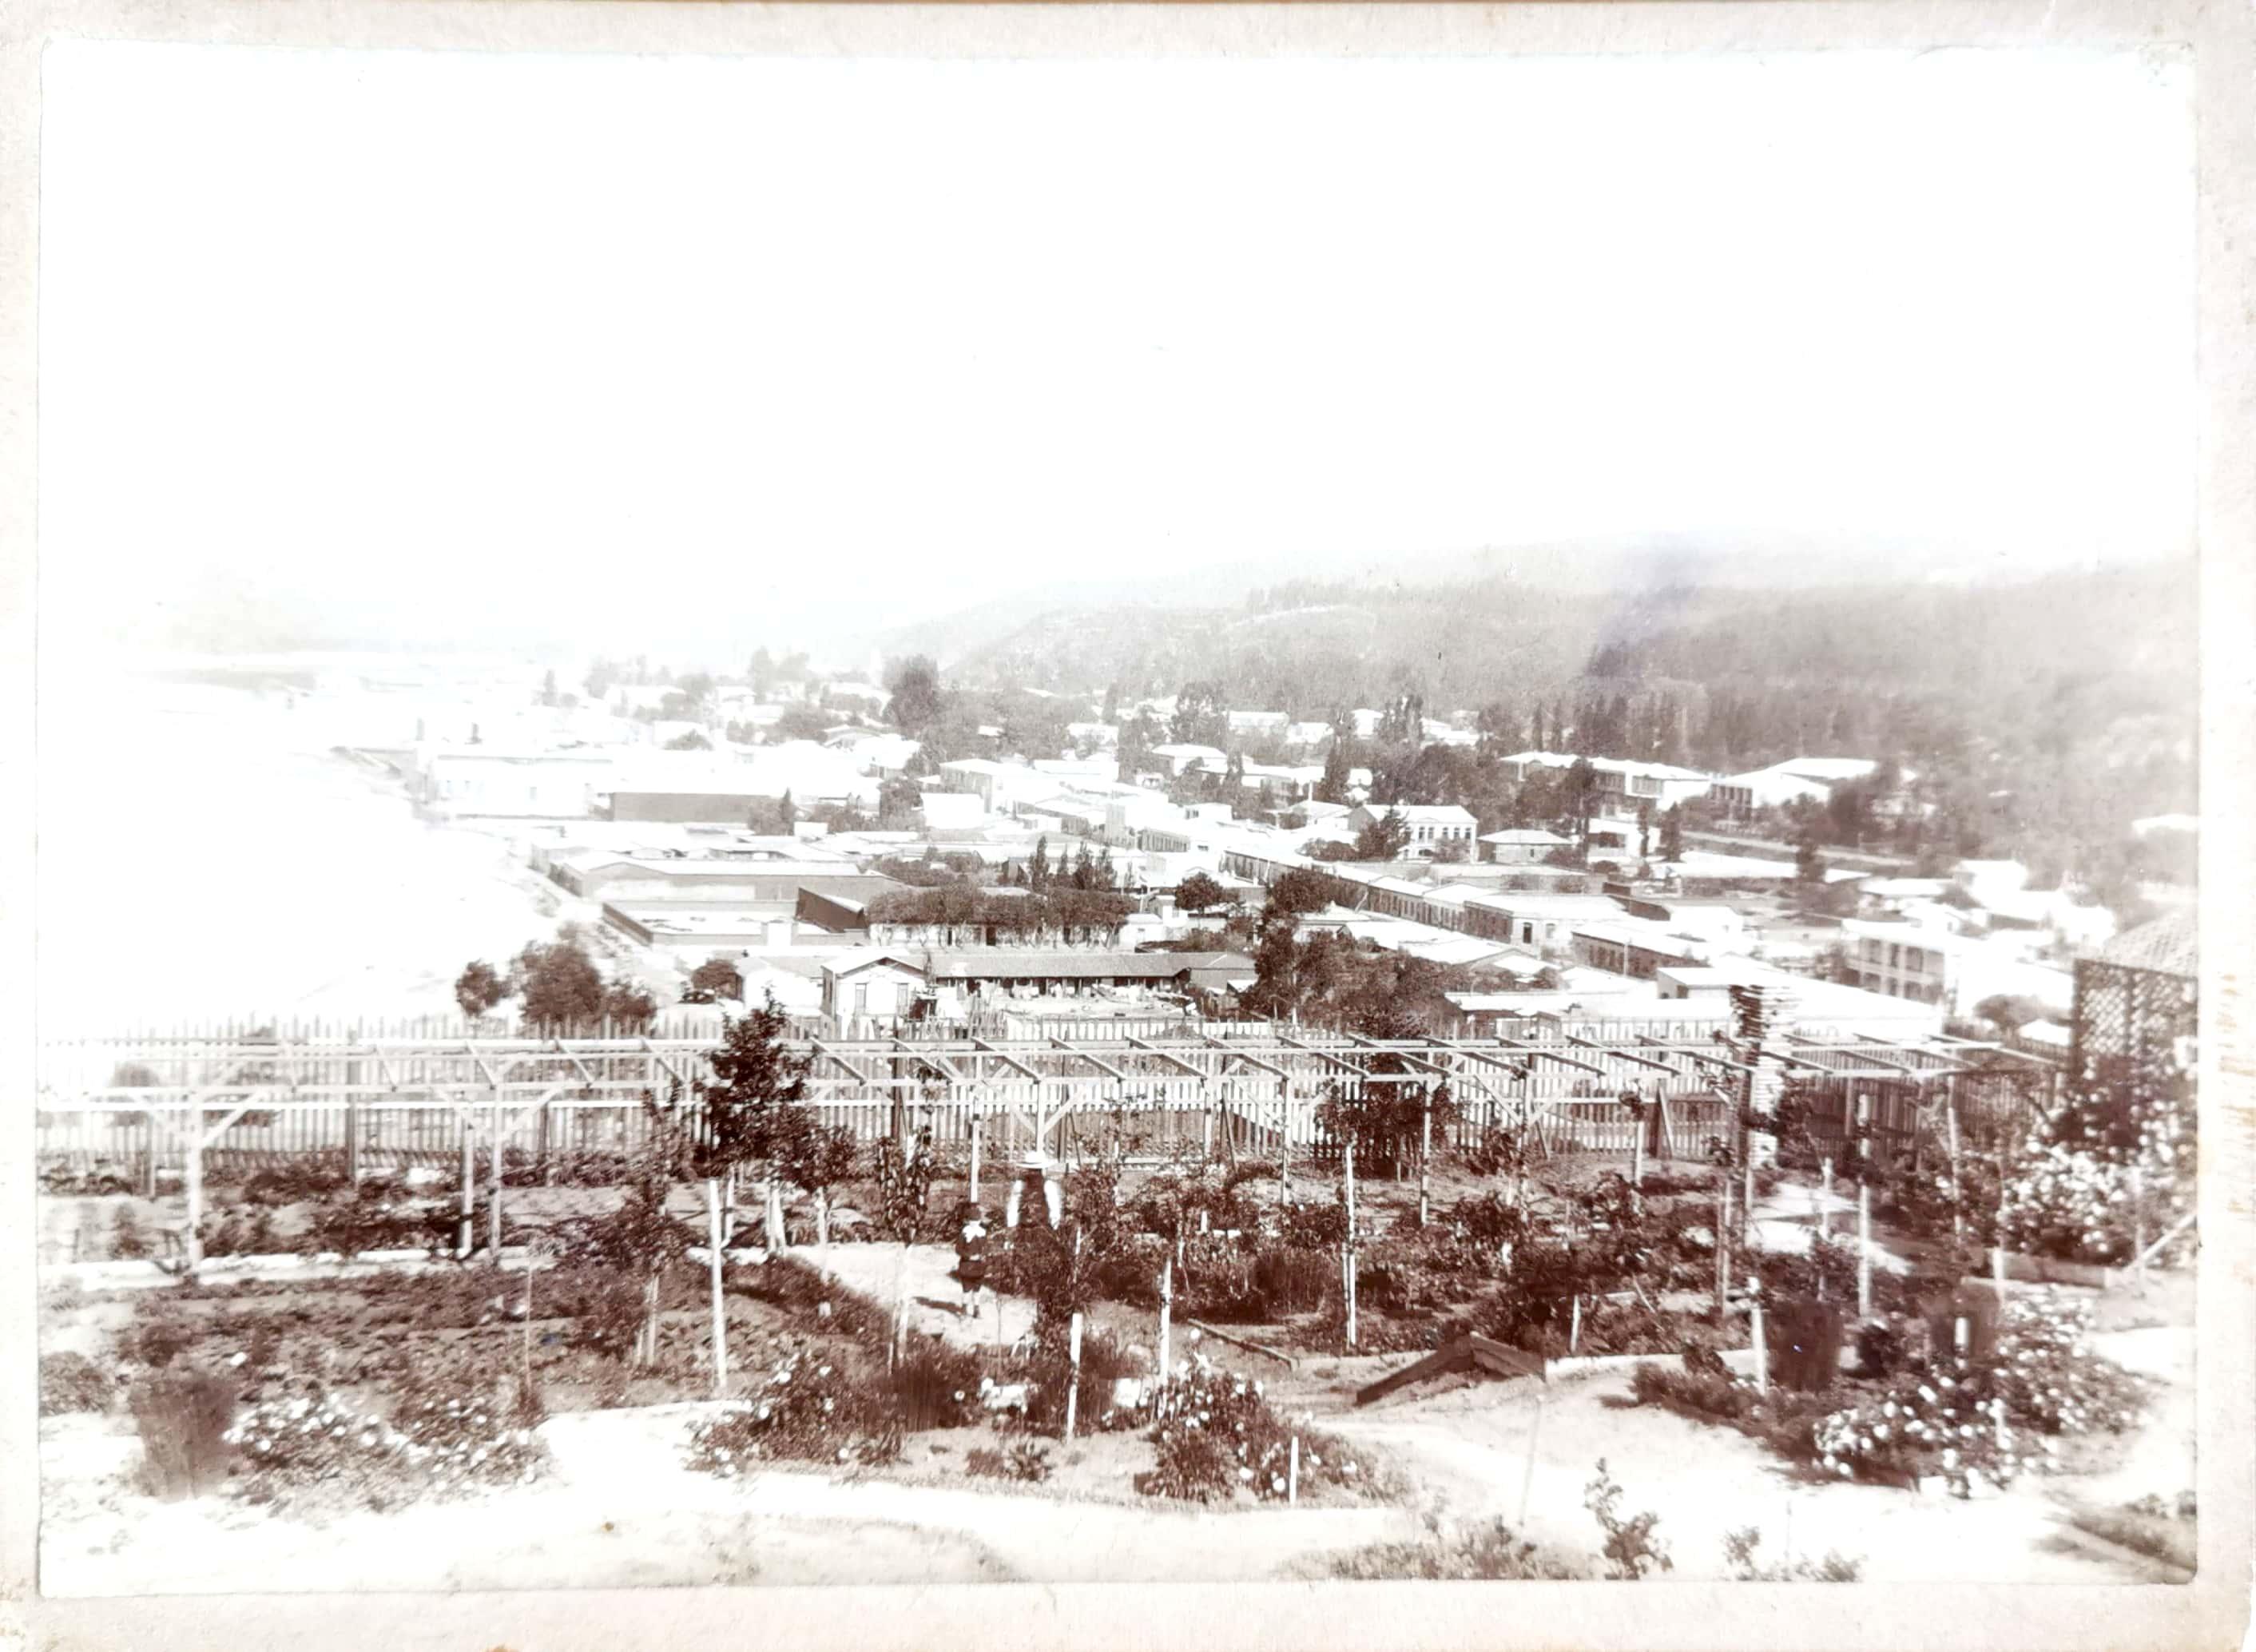 Enterreno - Fotos históricas de chile - fotos antiguas de Chile - Viña del Mar desde Cerro Castillo, 1904